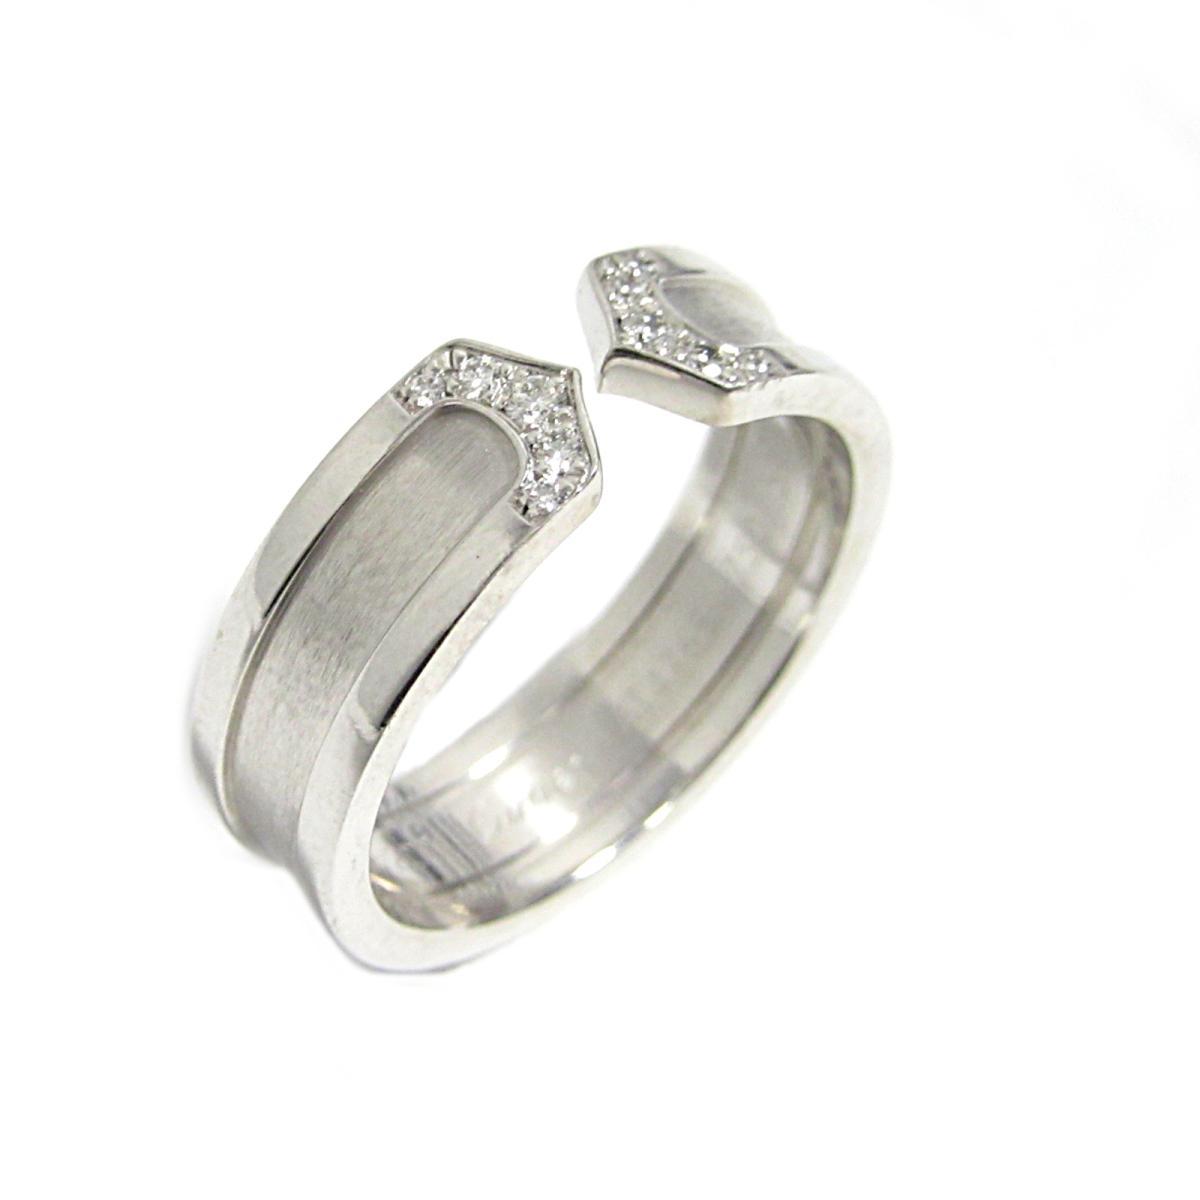 【中古】 カルティエ C2 ダイヤモンド リング 指輪 メンズ レディース K18WG (750) ホワイトゴールド x   Cartier BRANDOFF ブランドオフ ブランド ジュエリー アクセサリー